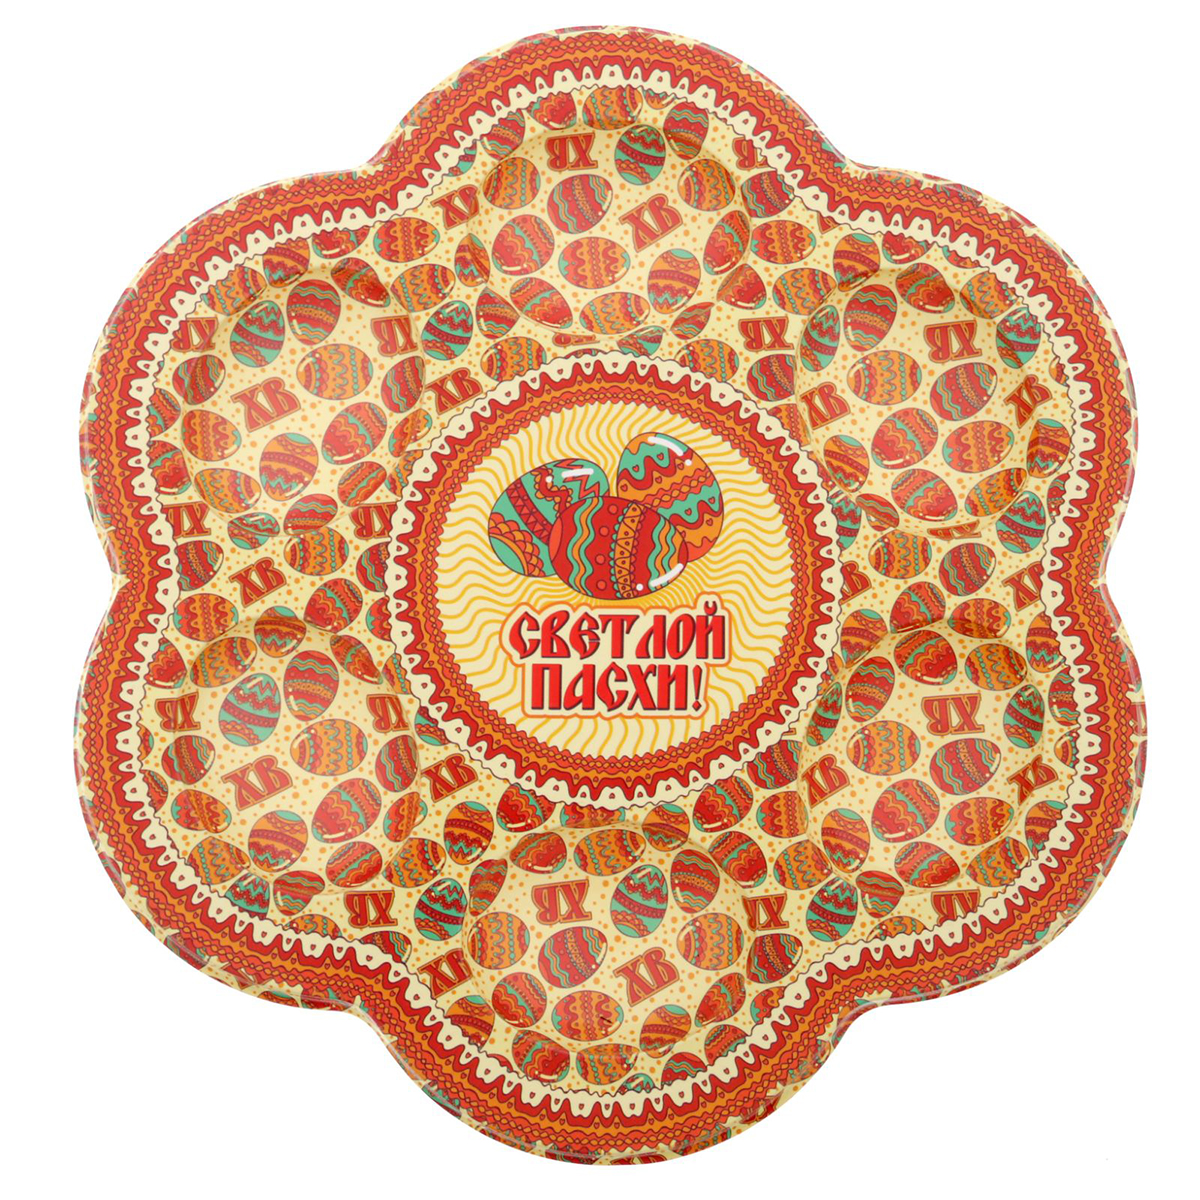 Подставка для яйца Пасхальный паттерн, на 6 яиц, 21,5 х 19,9 см. 16539021653902От качества посуды зависит не только вкус еды, но и здоровье человека. Пасхальная подставка на 6 яиц Пасхальный паттерн — товар, соответствующий российским стандартам качества. Любой хозяйке будет приятно держать его в руках. С данной посудой и кухонной утварью приготовление еды и сервировка стола превратятся в настоящий праздник.